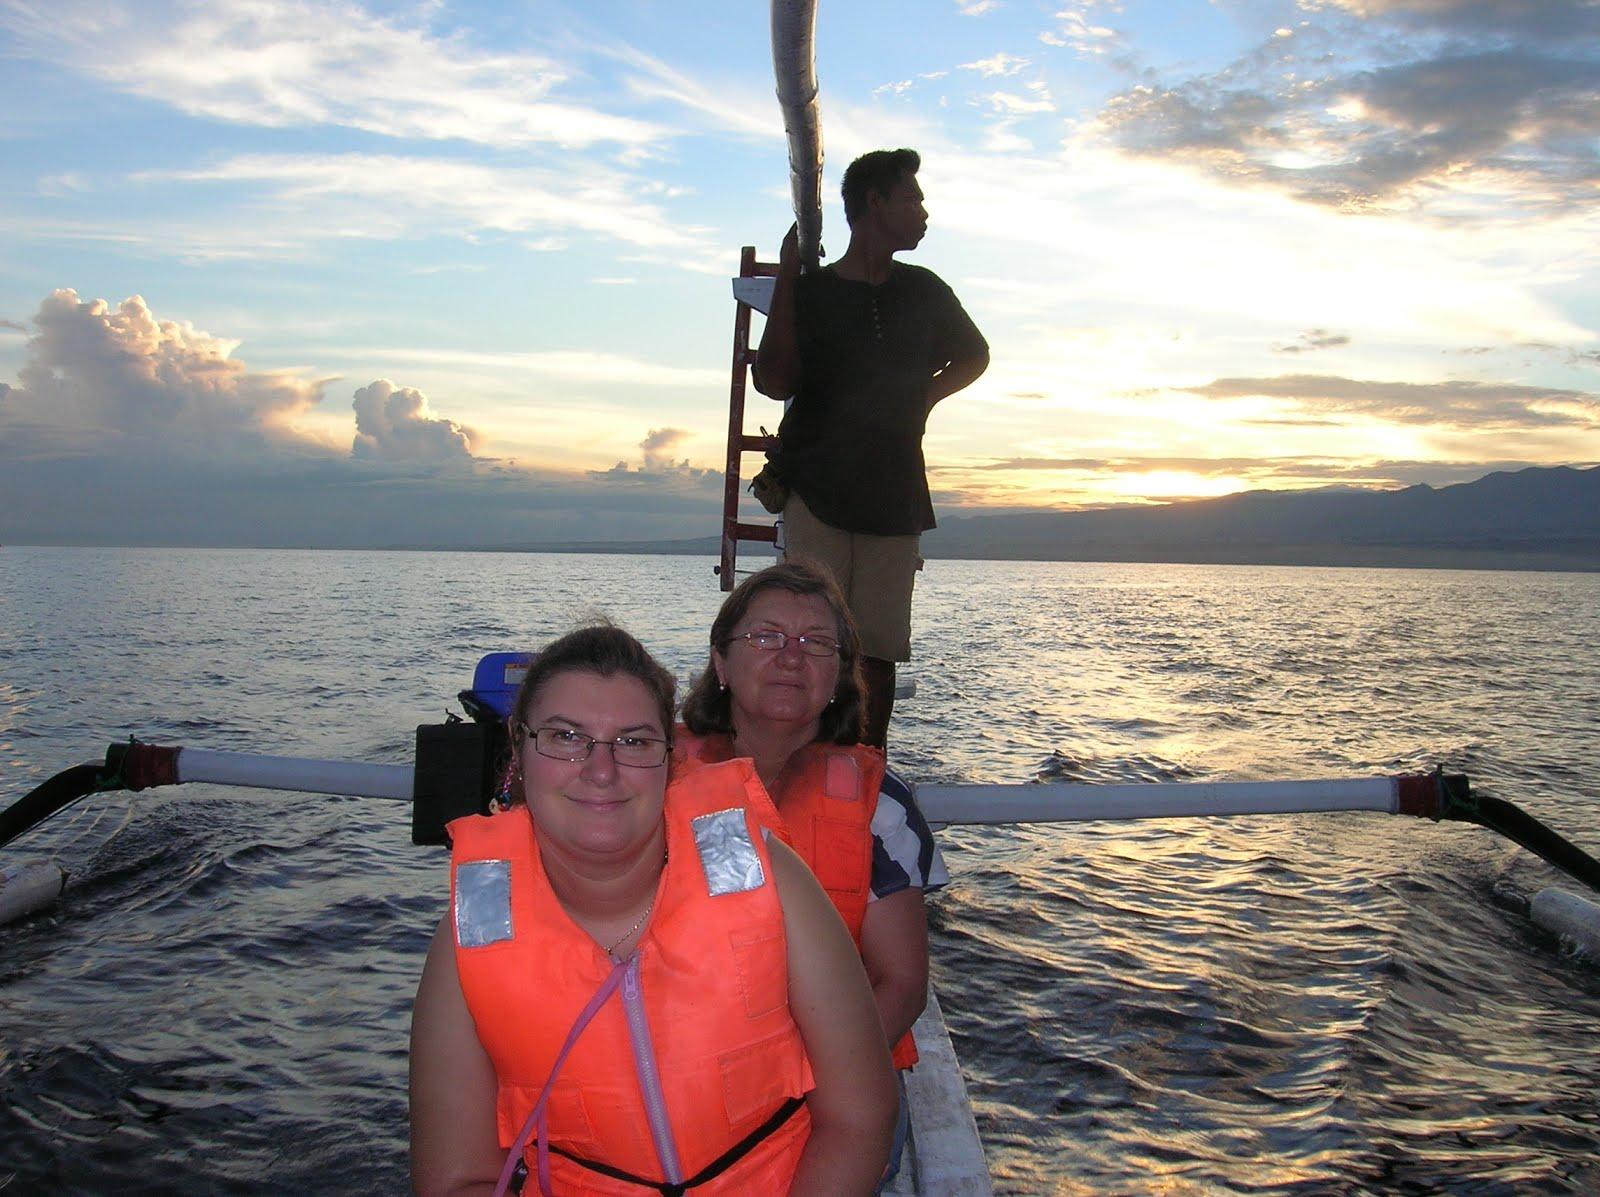 Navegando en  Lovina, Isla de Bali,Indonesia, vuelta al mundo, round the world, La vuelta al mundo de Asun y Ricardo